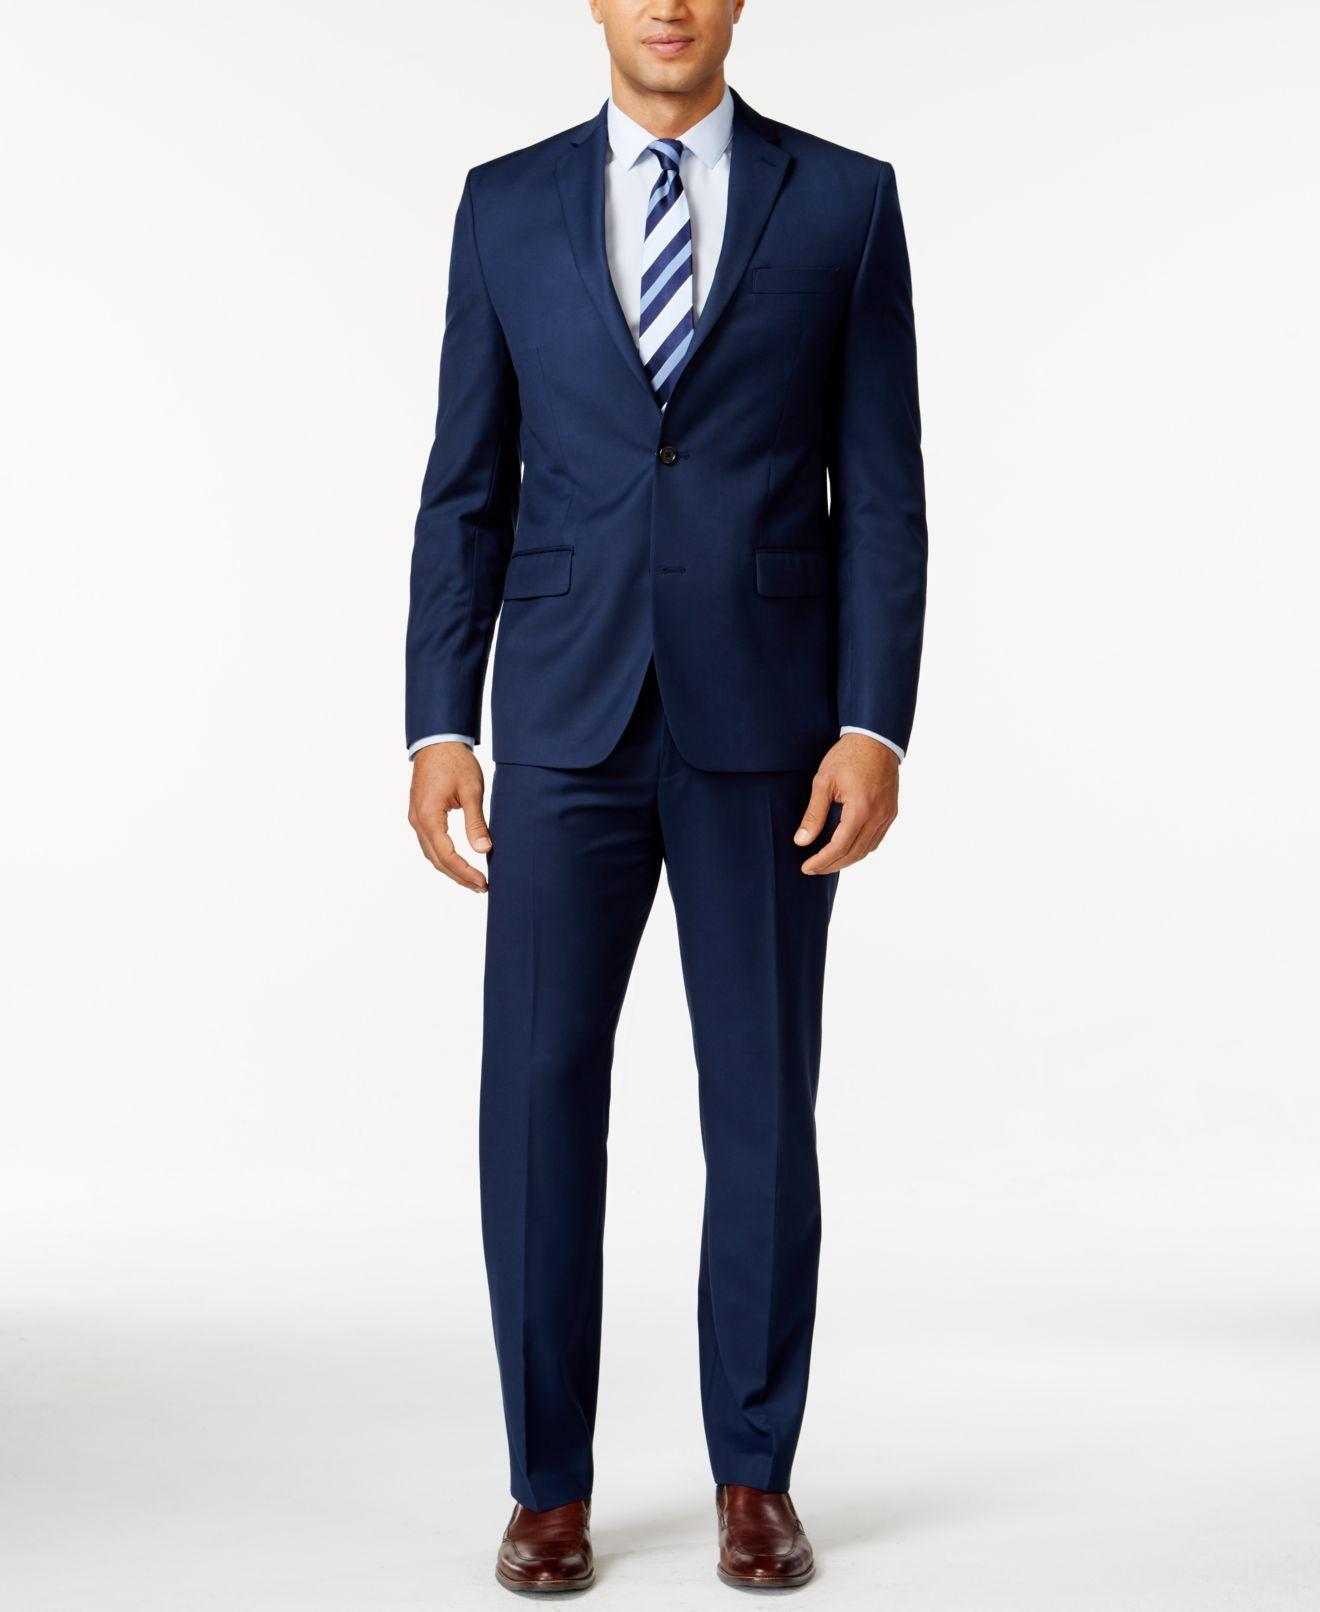 MICHAEL Michael Kors Blue Solid Classic-Fit Suit Separates - Suits ...